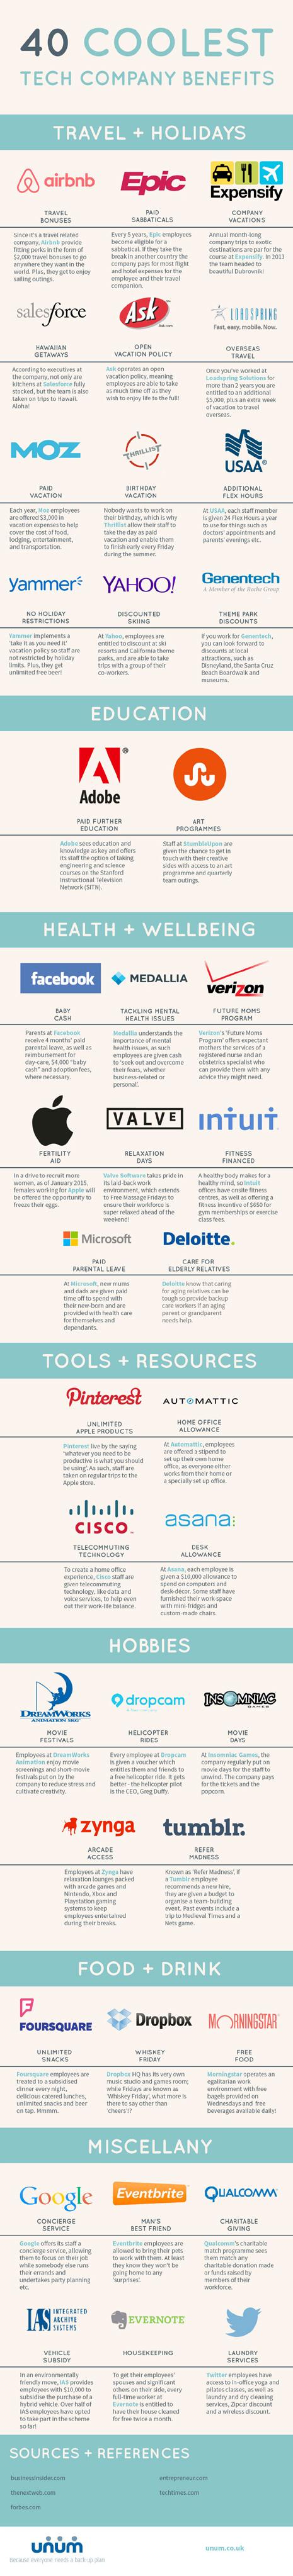 infografía empresas